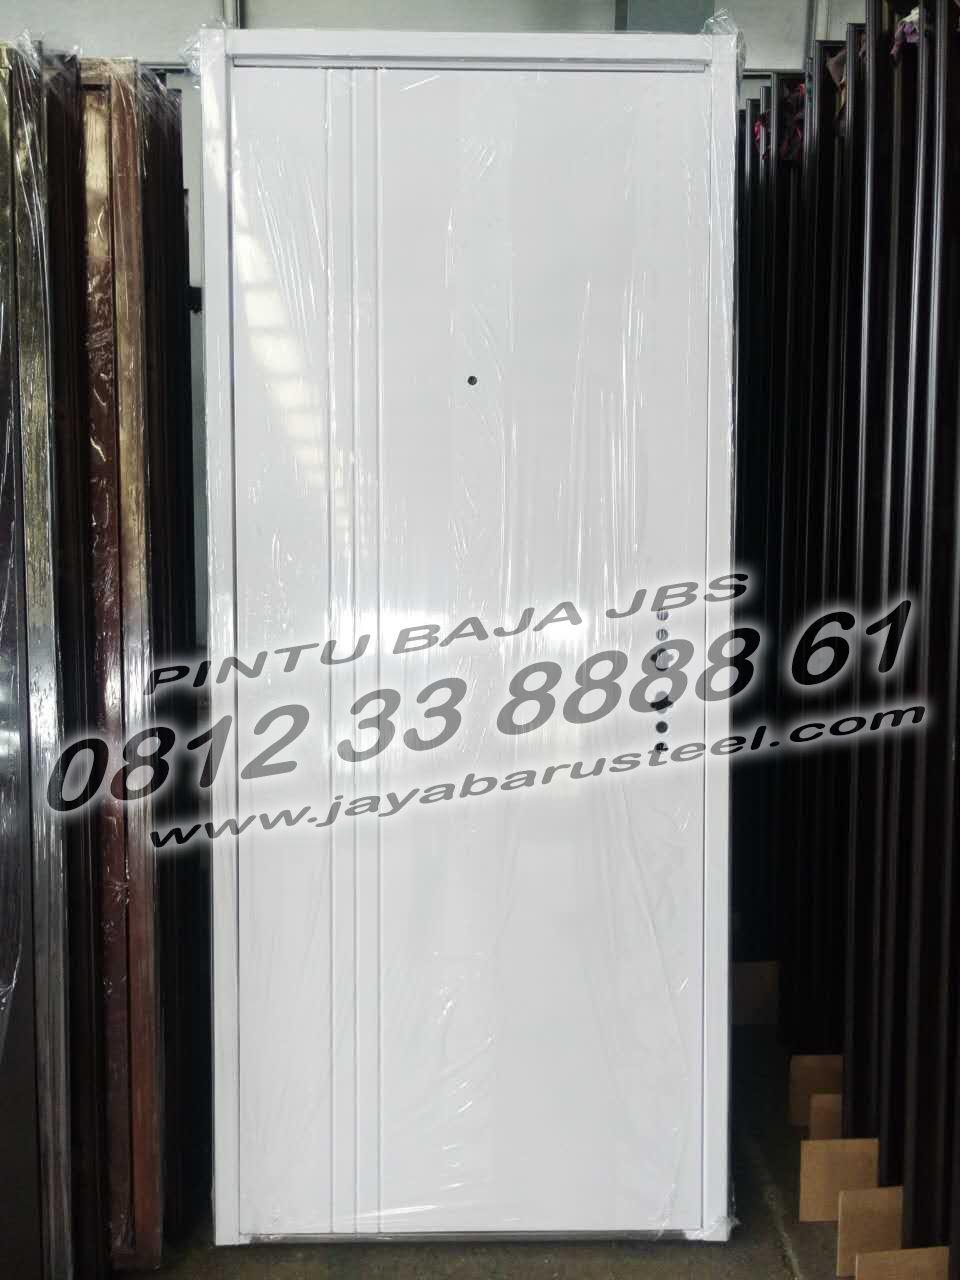 Selling Steel Doors, Steel Doors, Prices for Motif Steel Doors …